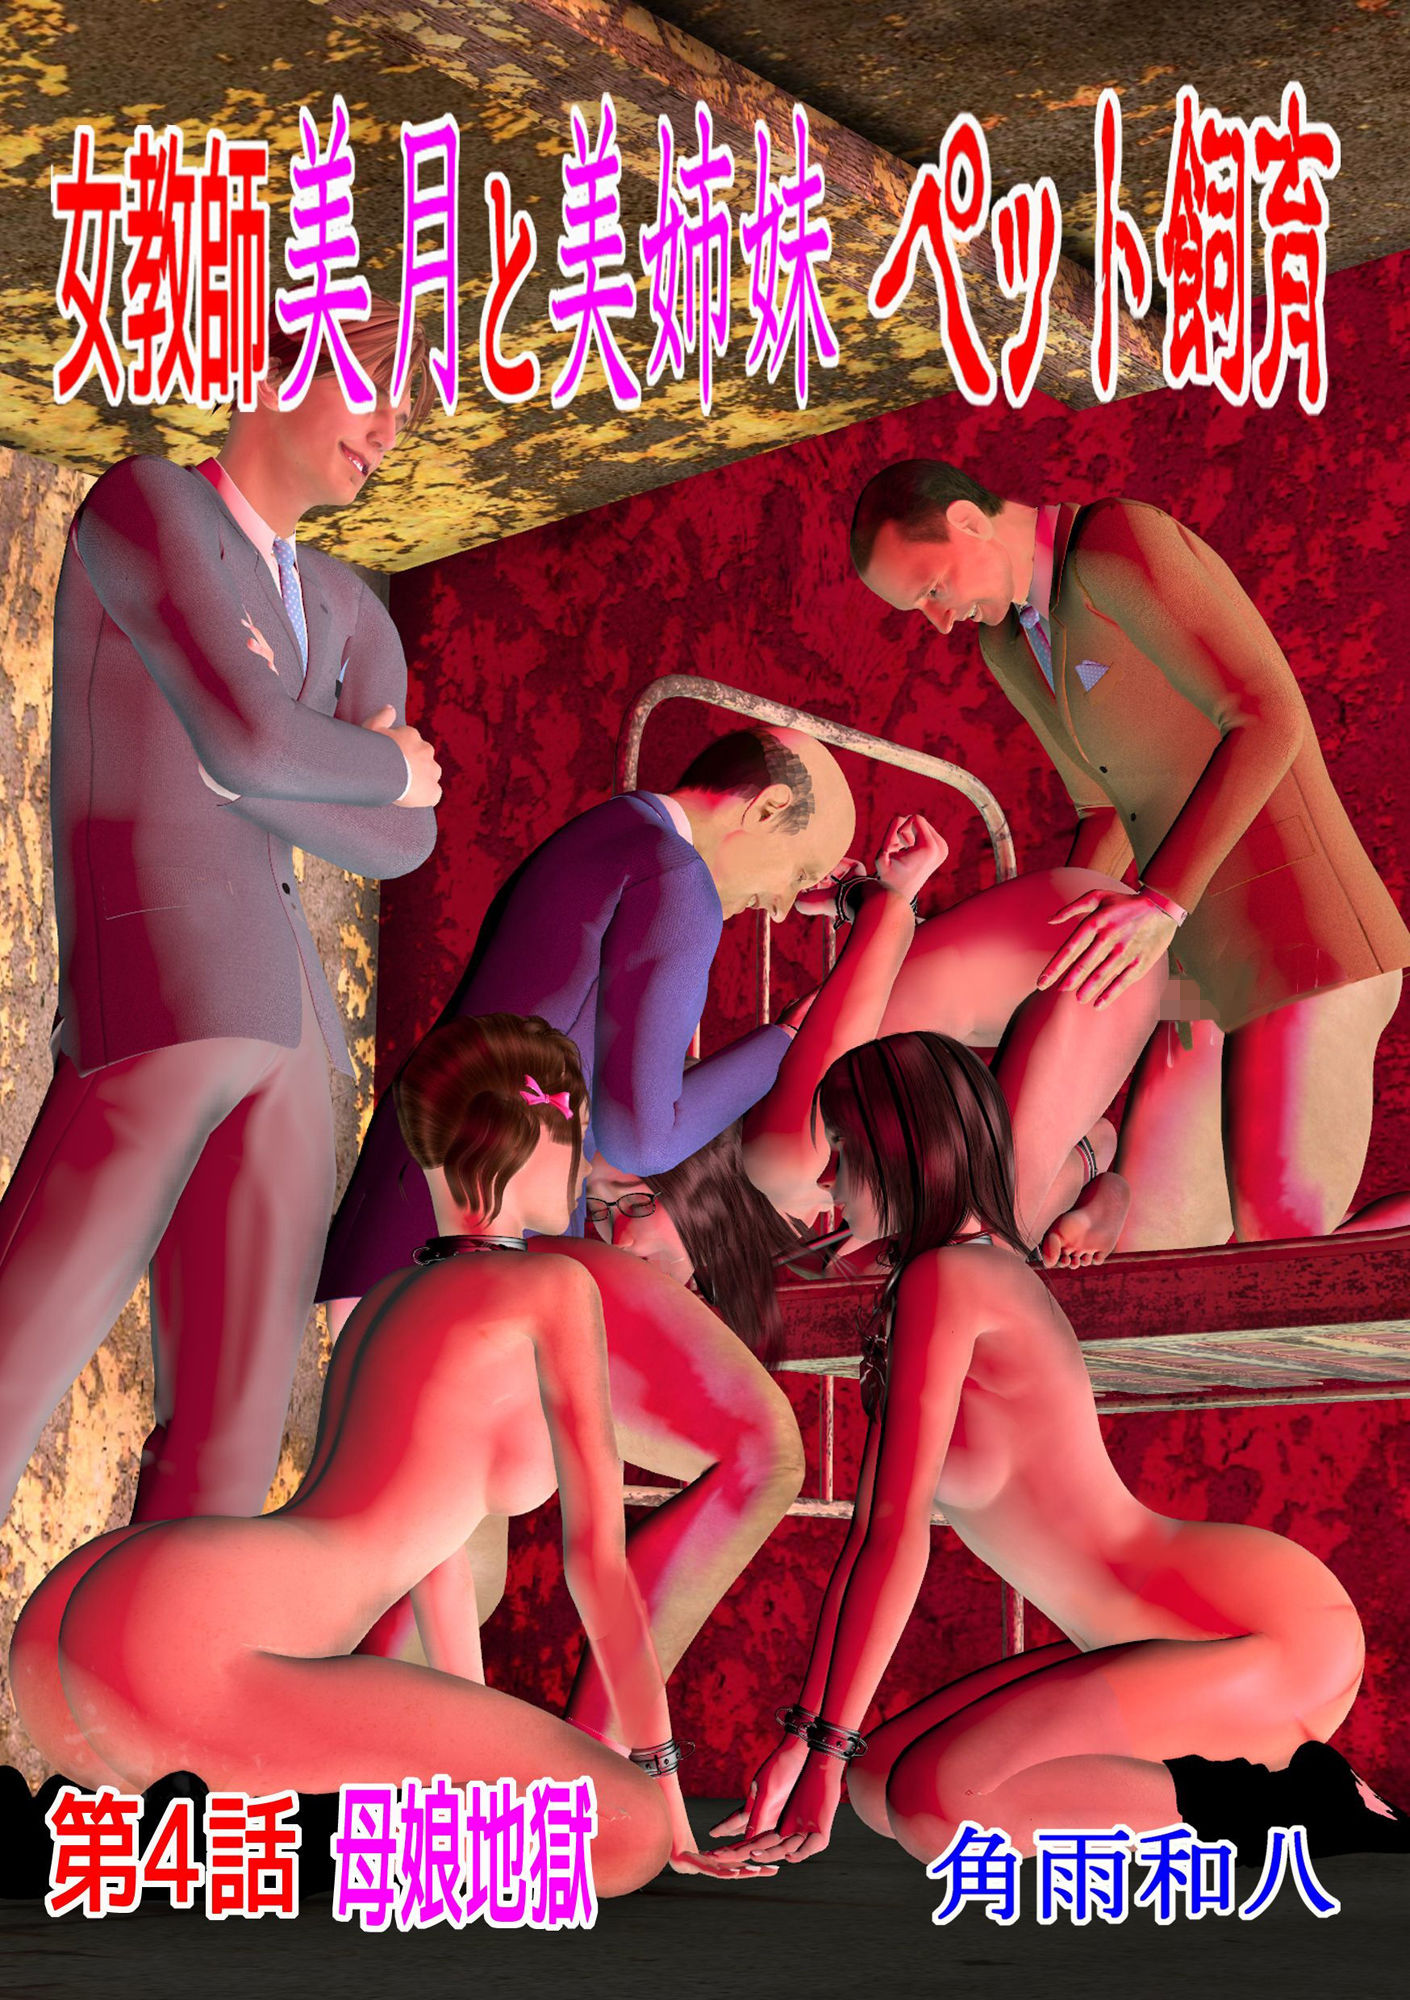 【角雨和八(つのあめかずや) 同人】女教師美月と美姉妹ペット飼育第4話母娘地獄